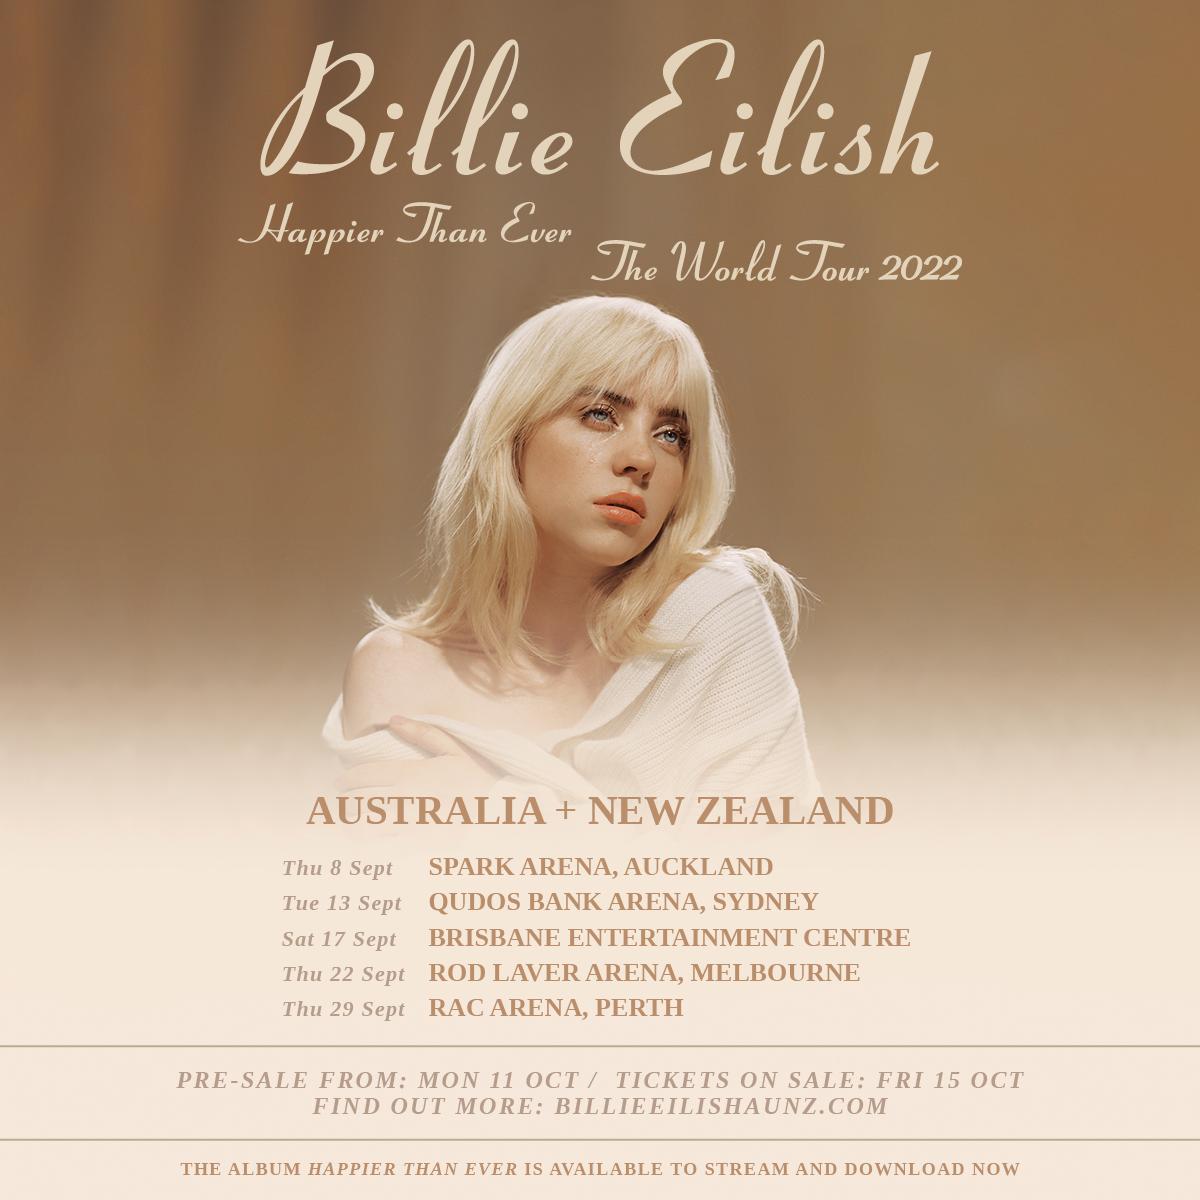 BILLIE EILISH HAPPIER THAN EVER THE WORLD TOUR AUSTRALIA & NEW ZEALAND ARENA TOUR – SEPTEMBER 2022